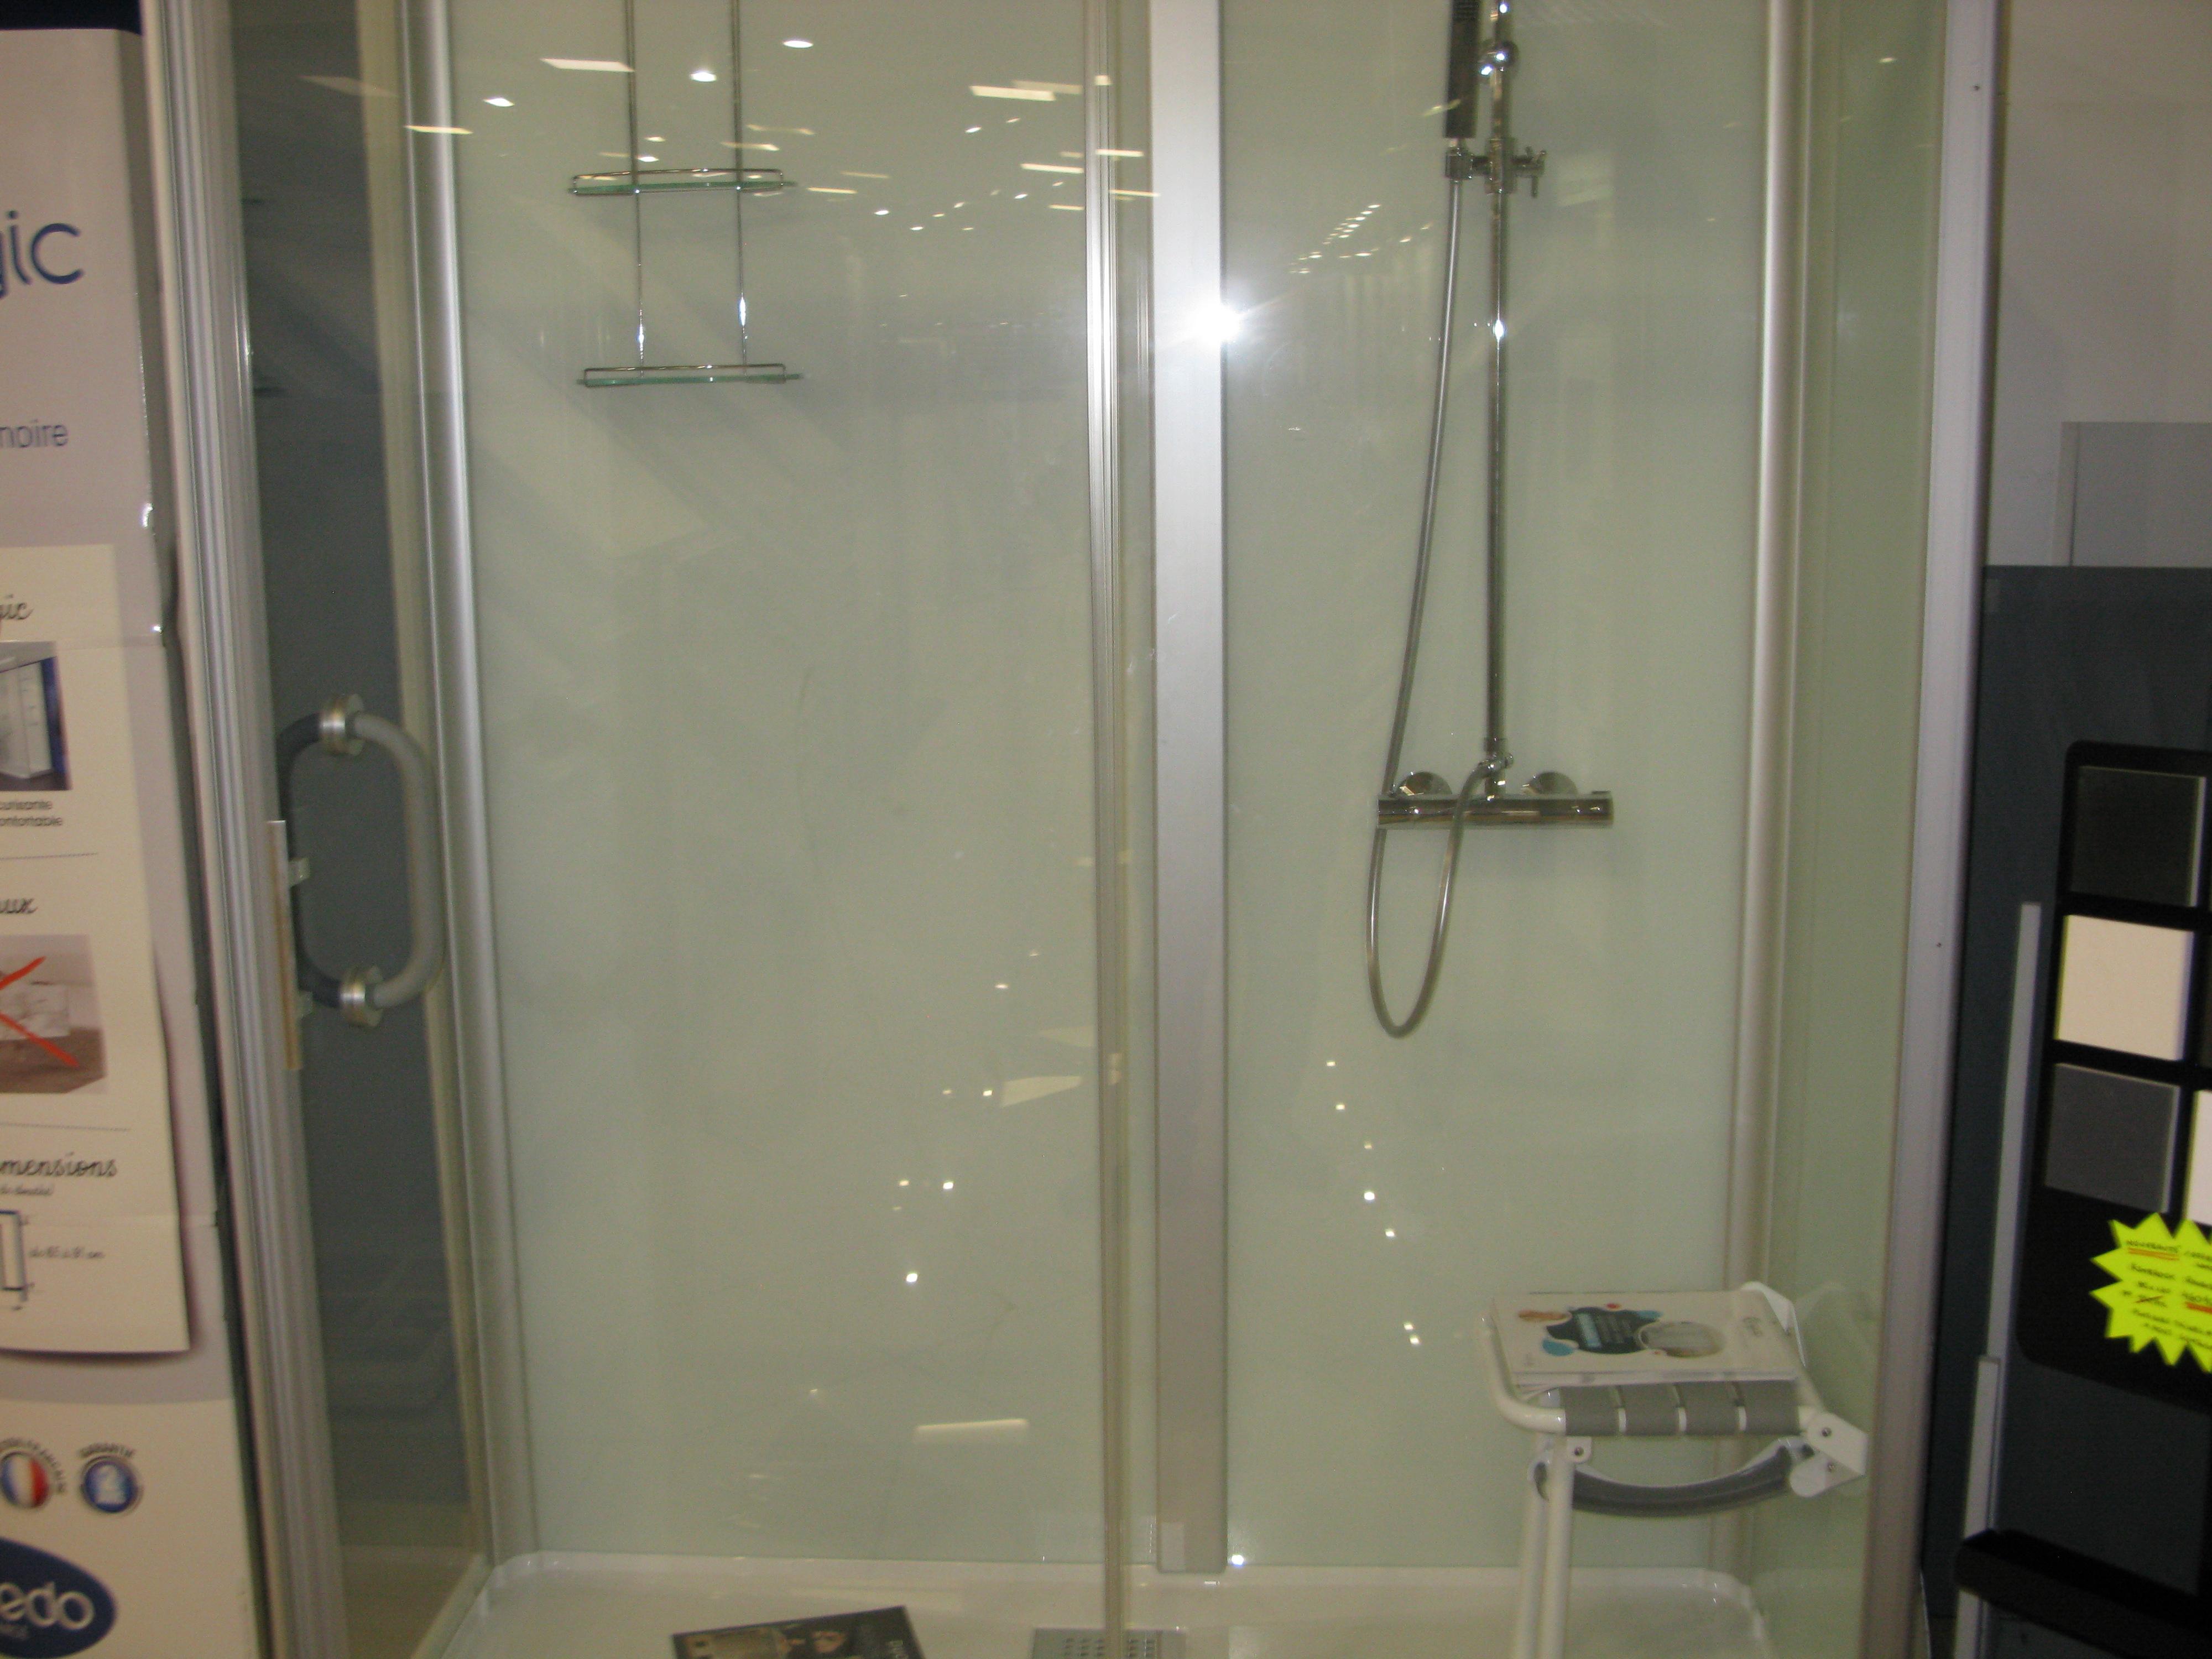 Douche kinedo kinemagic design kinemagic kinedo baignoire et sanitaire ki - Devis remplacement baignoire ...